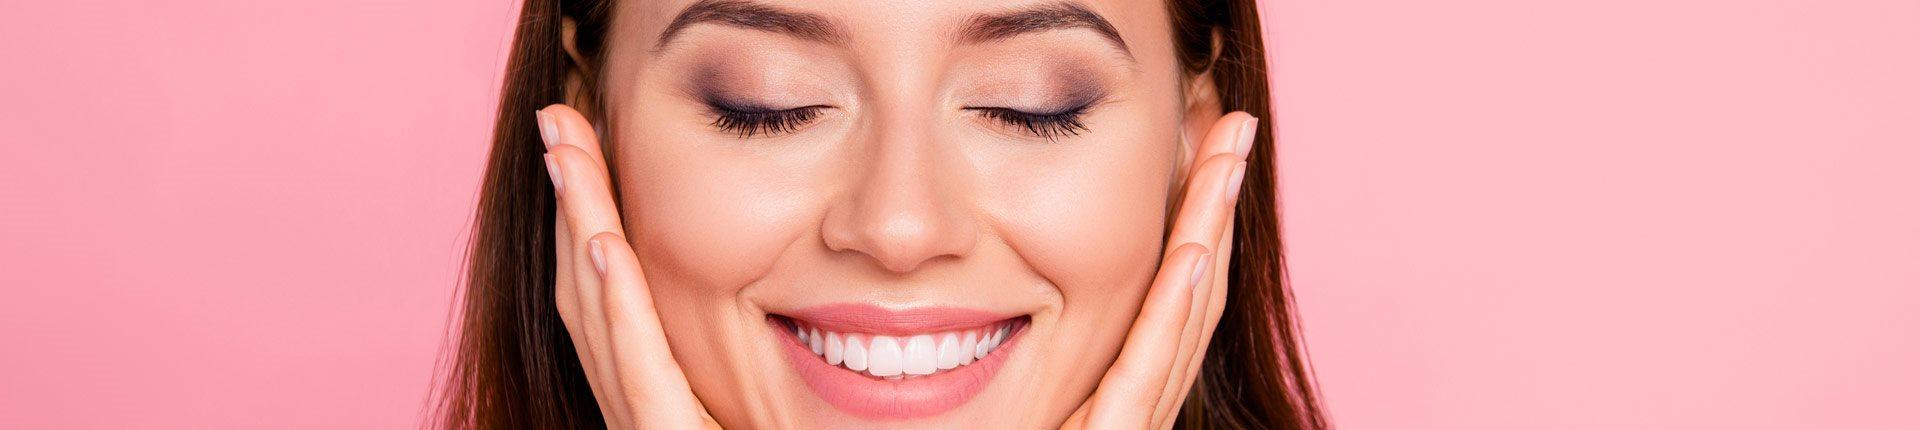 Zdrowie skóry - czego należy unikać?